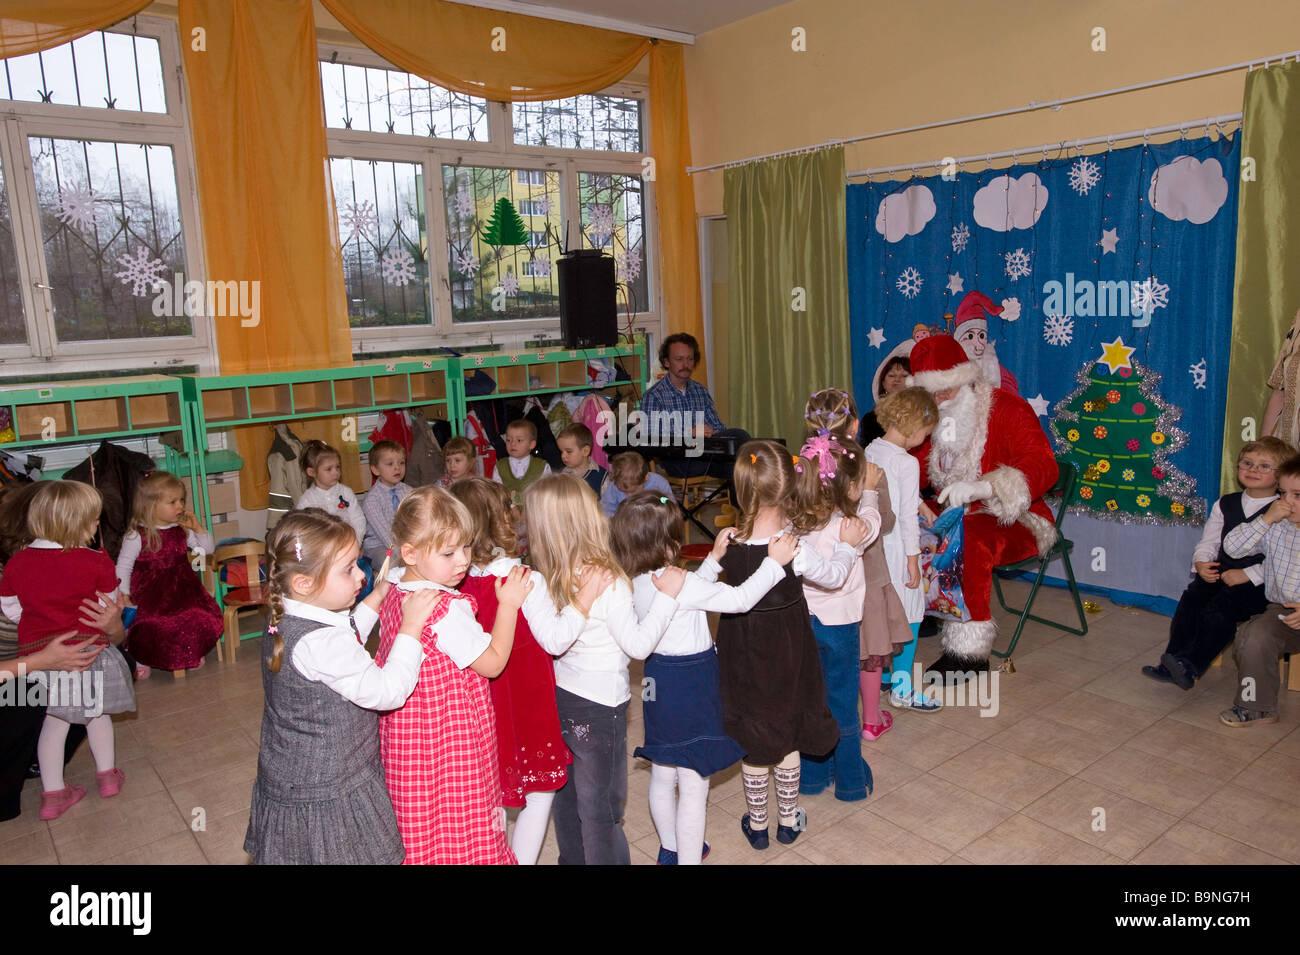 Regali Di Natale Per Bambini Asilo.Babbo Natale Dando I Regali Di Natale Per I Bambini Nella Scuola